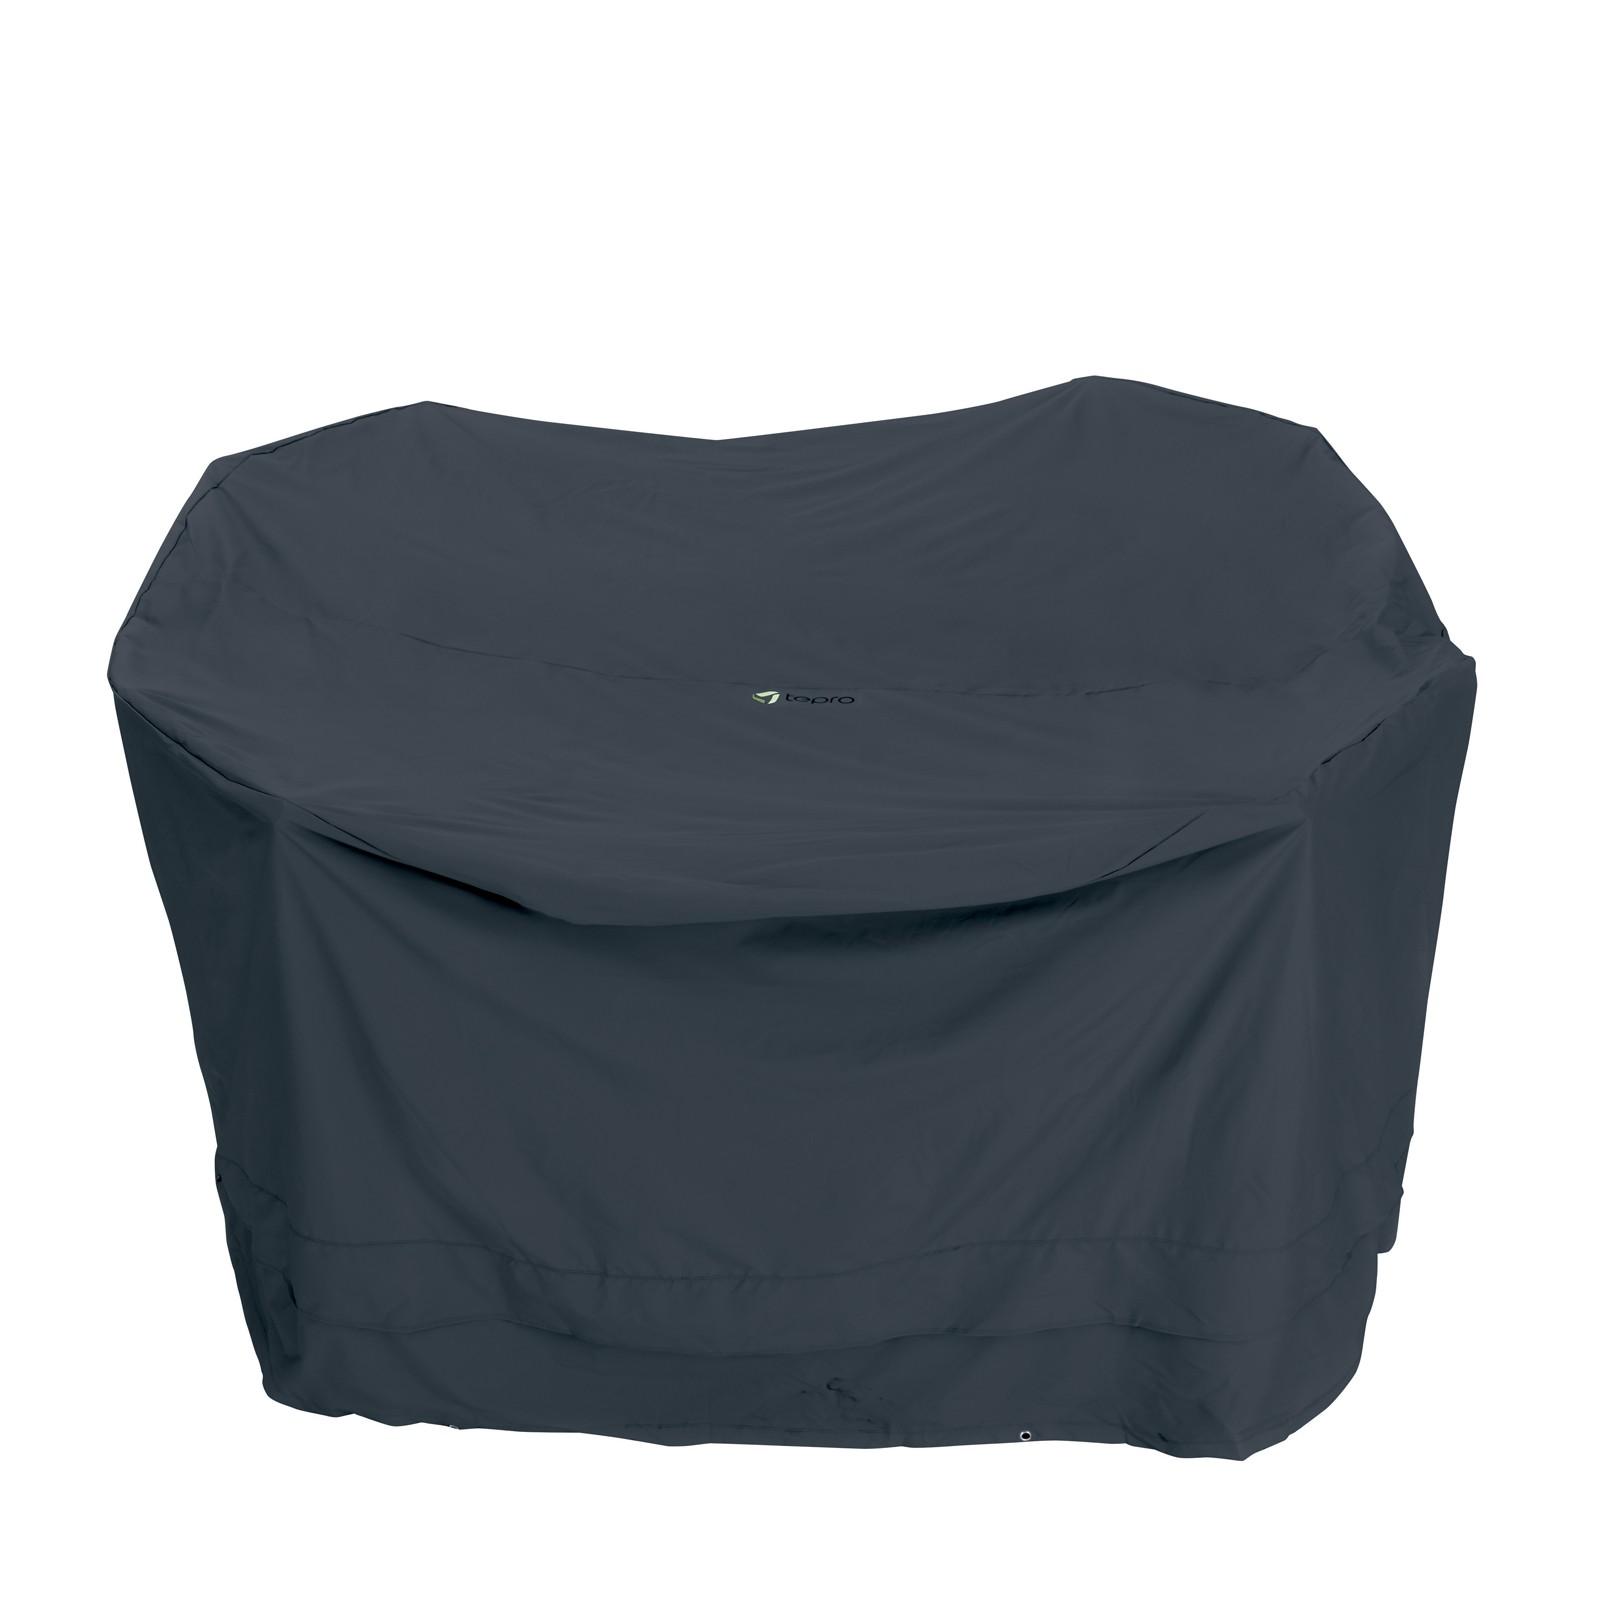 Tepro Abdeckplane / Schutzhülle klein für Gartenmöbel 8126